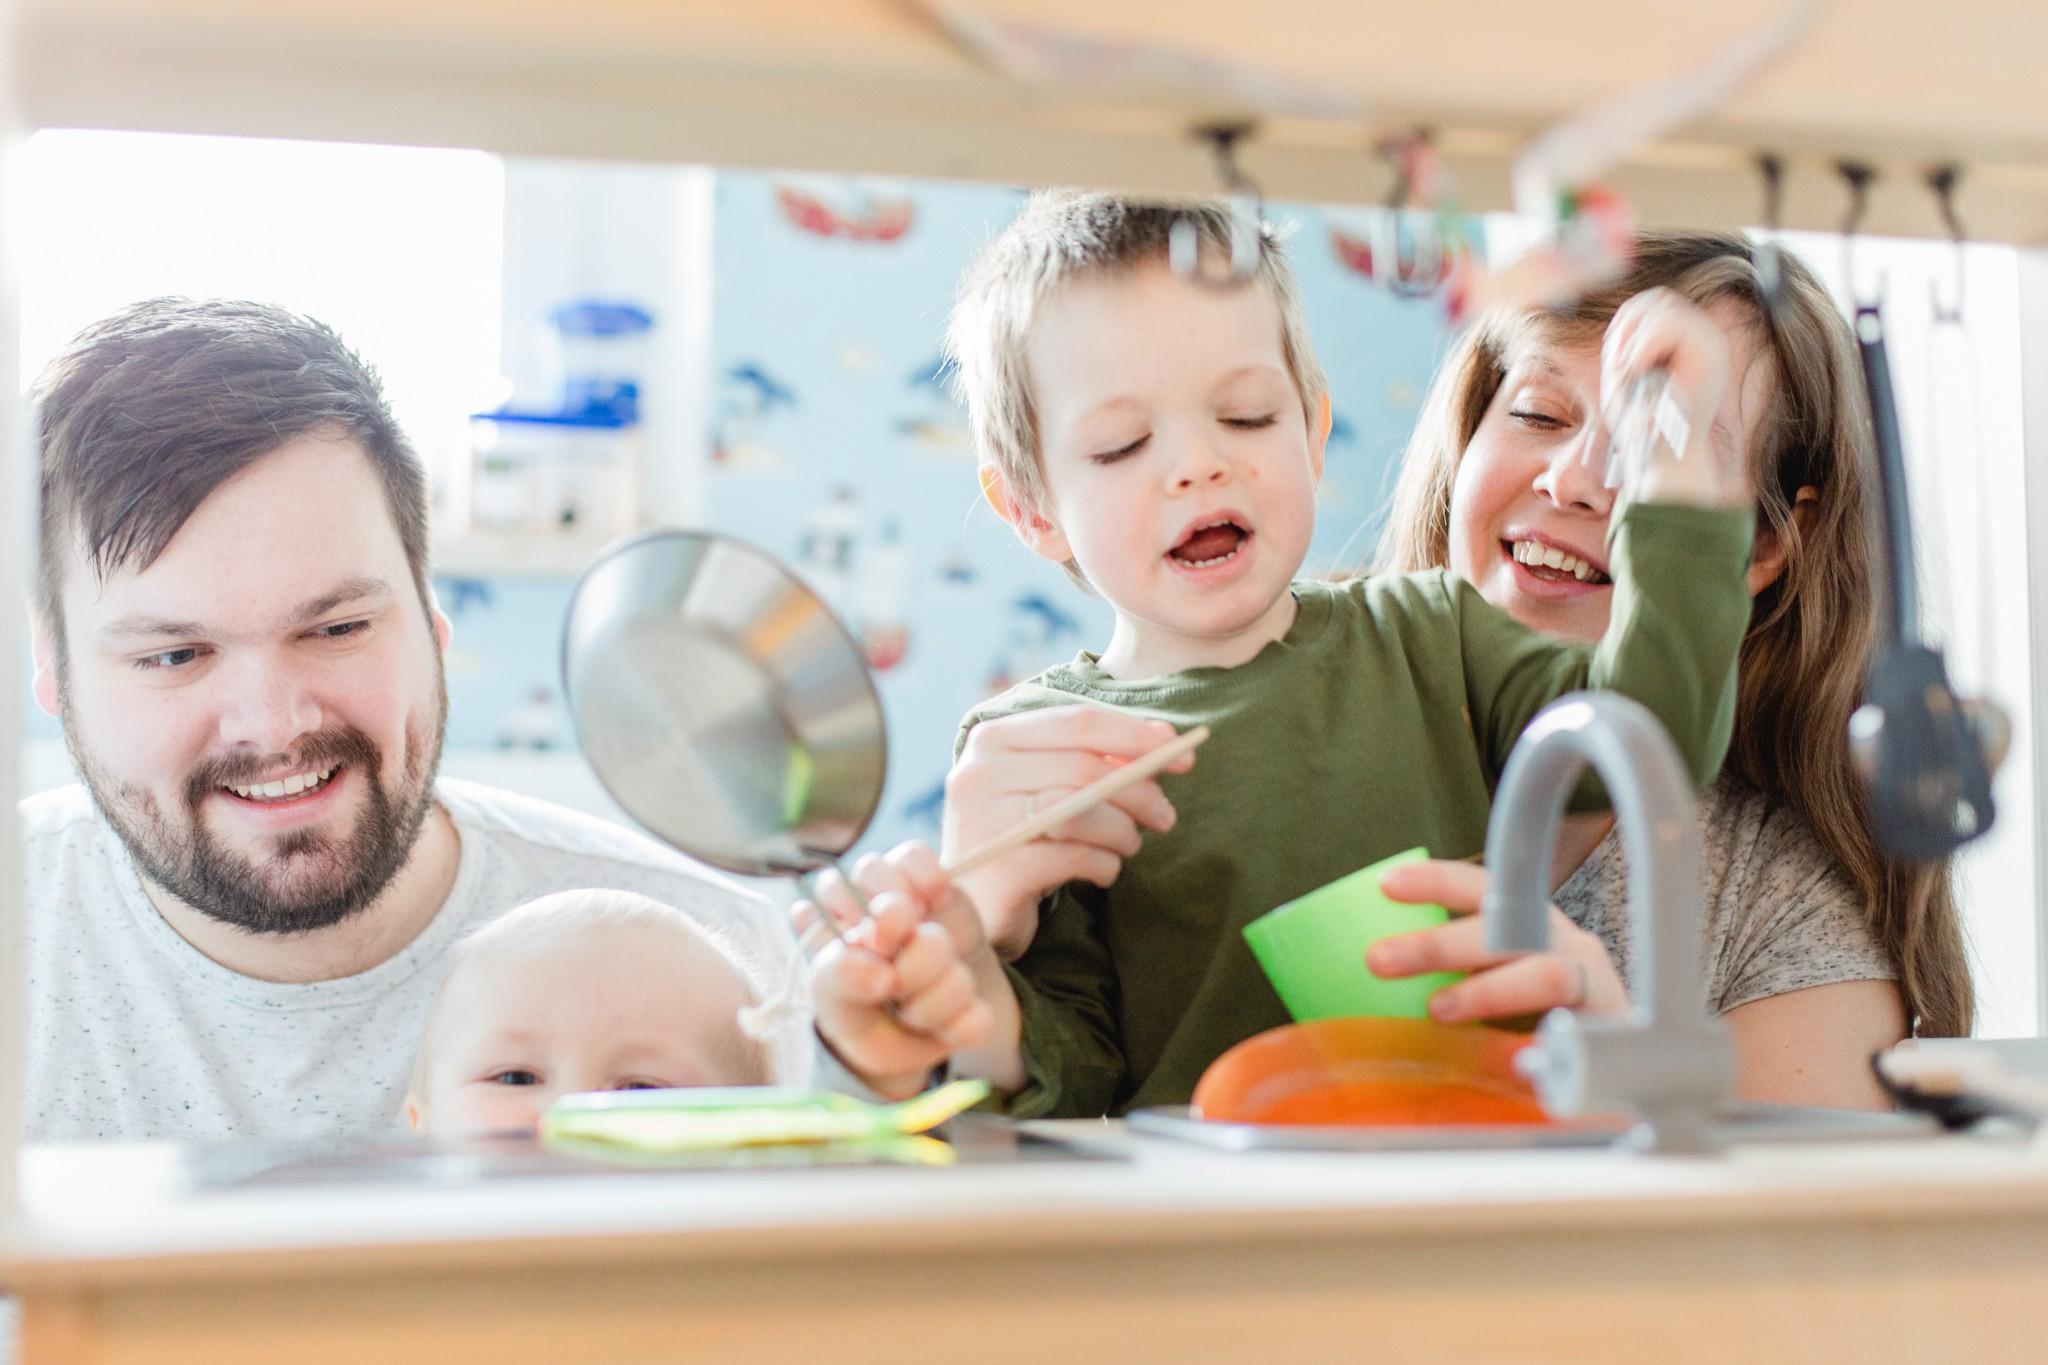 Die ganze Familie spielt mit der Kinderküche.